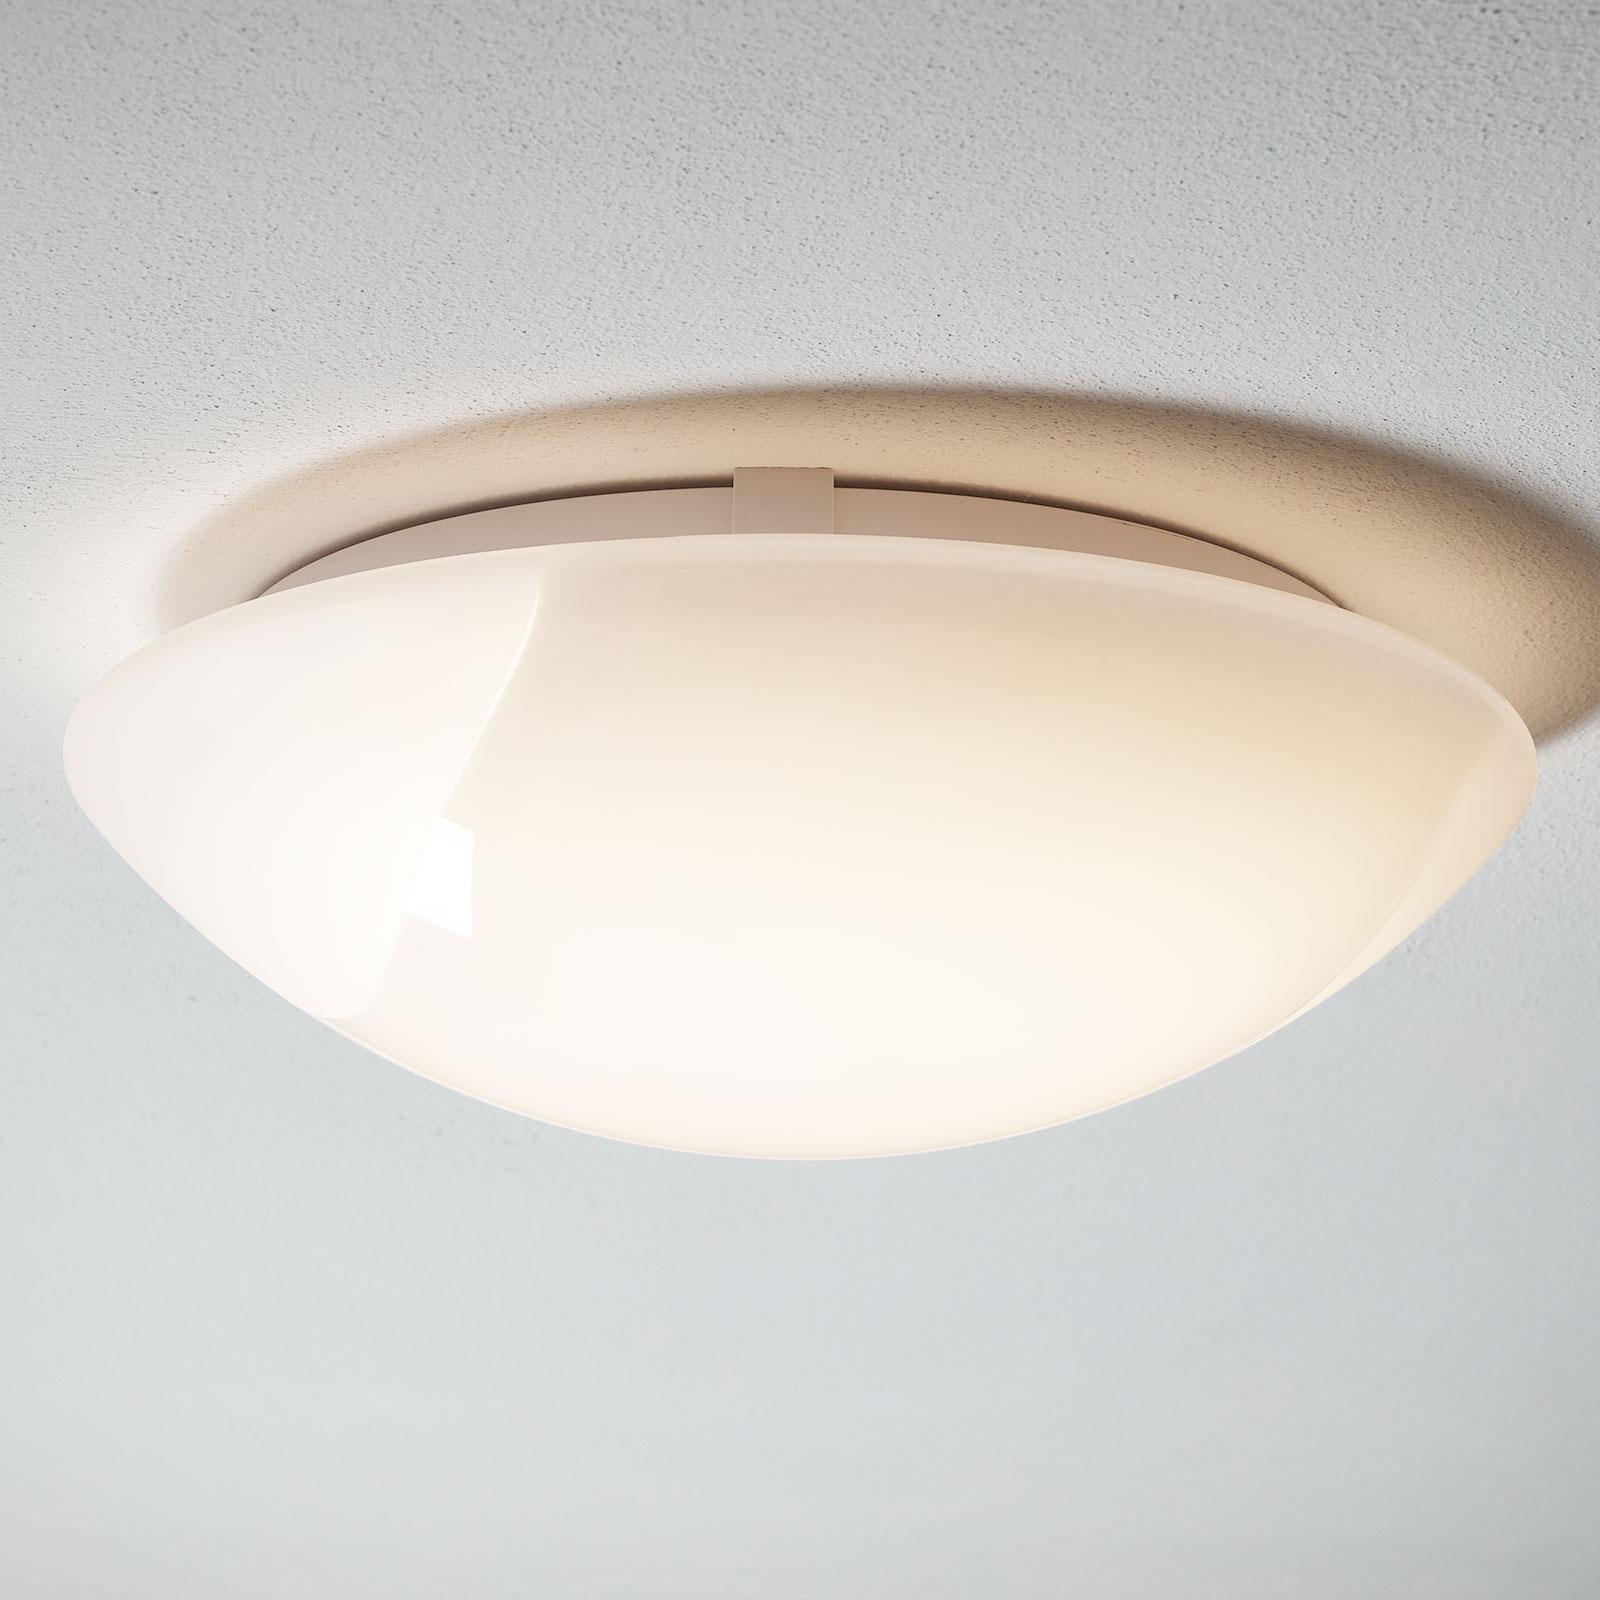 LED-taklampe Gilbert av glas, 40 cm